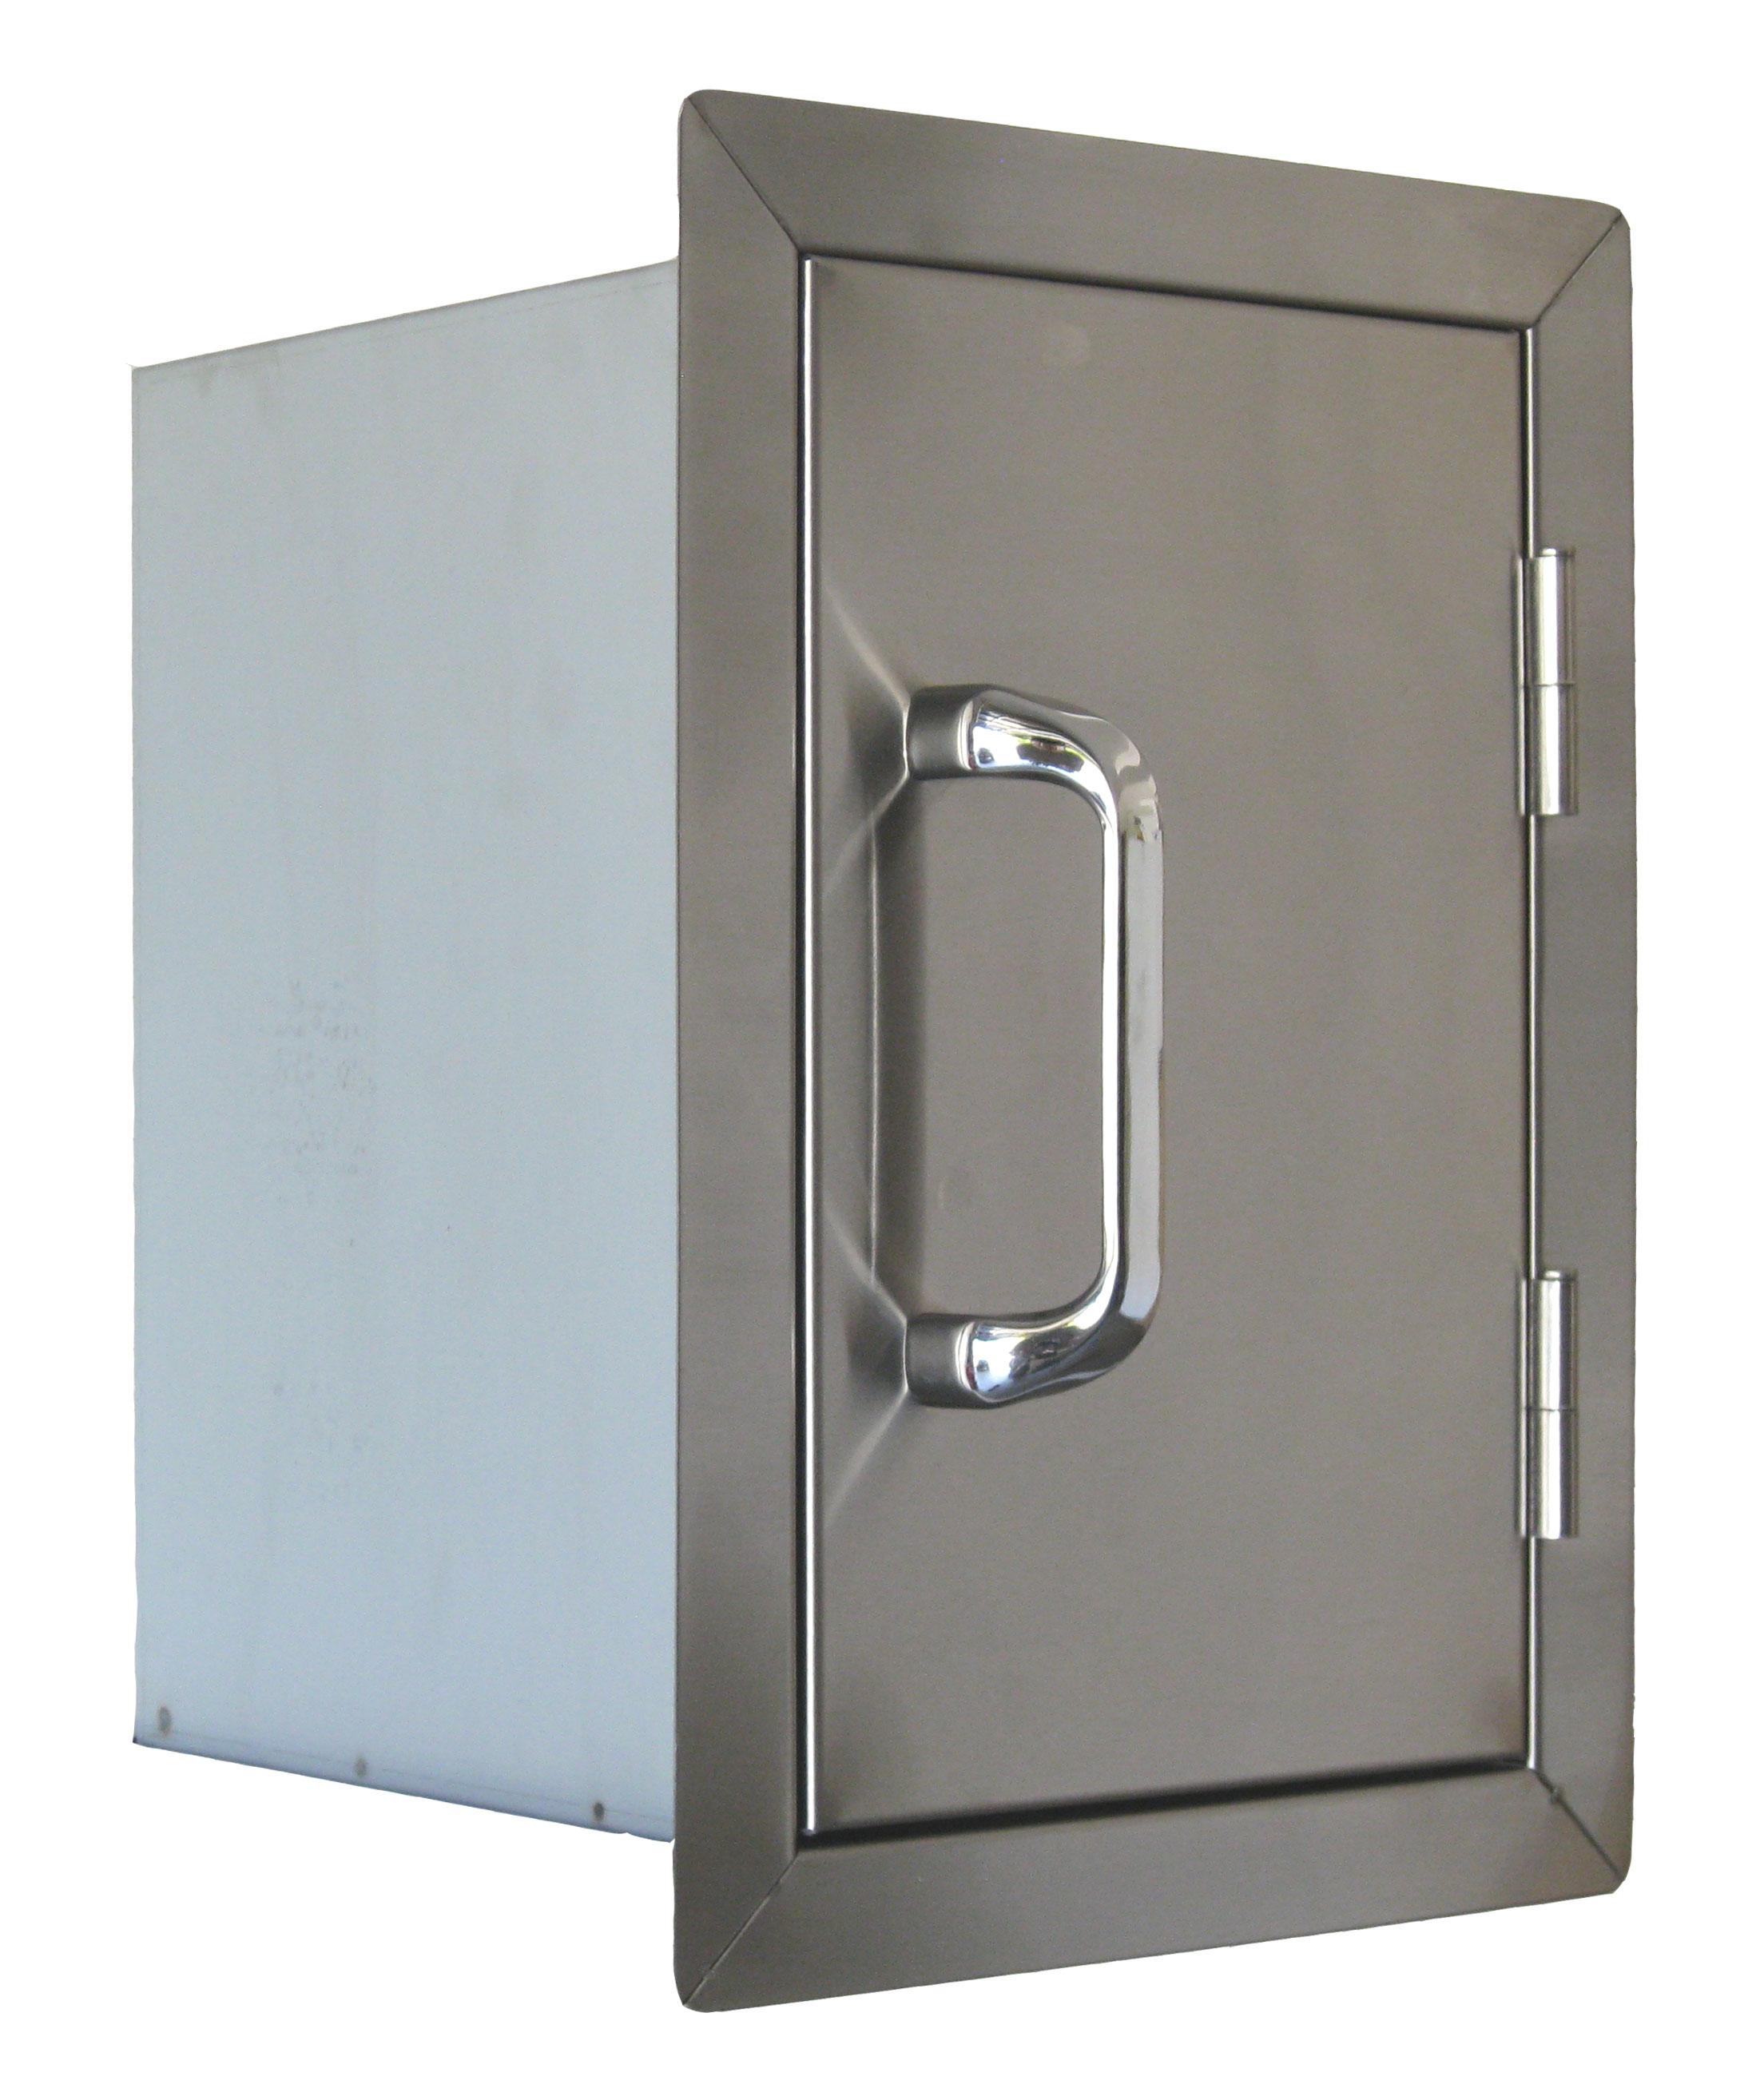 23160-stainless-steel-paper-towel-holder.jpg